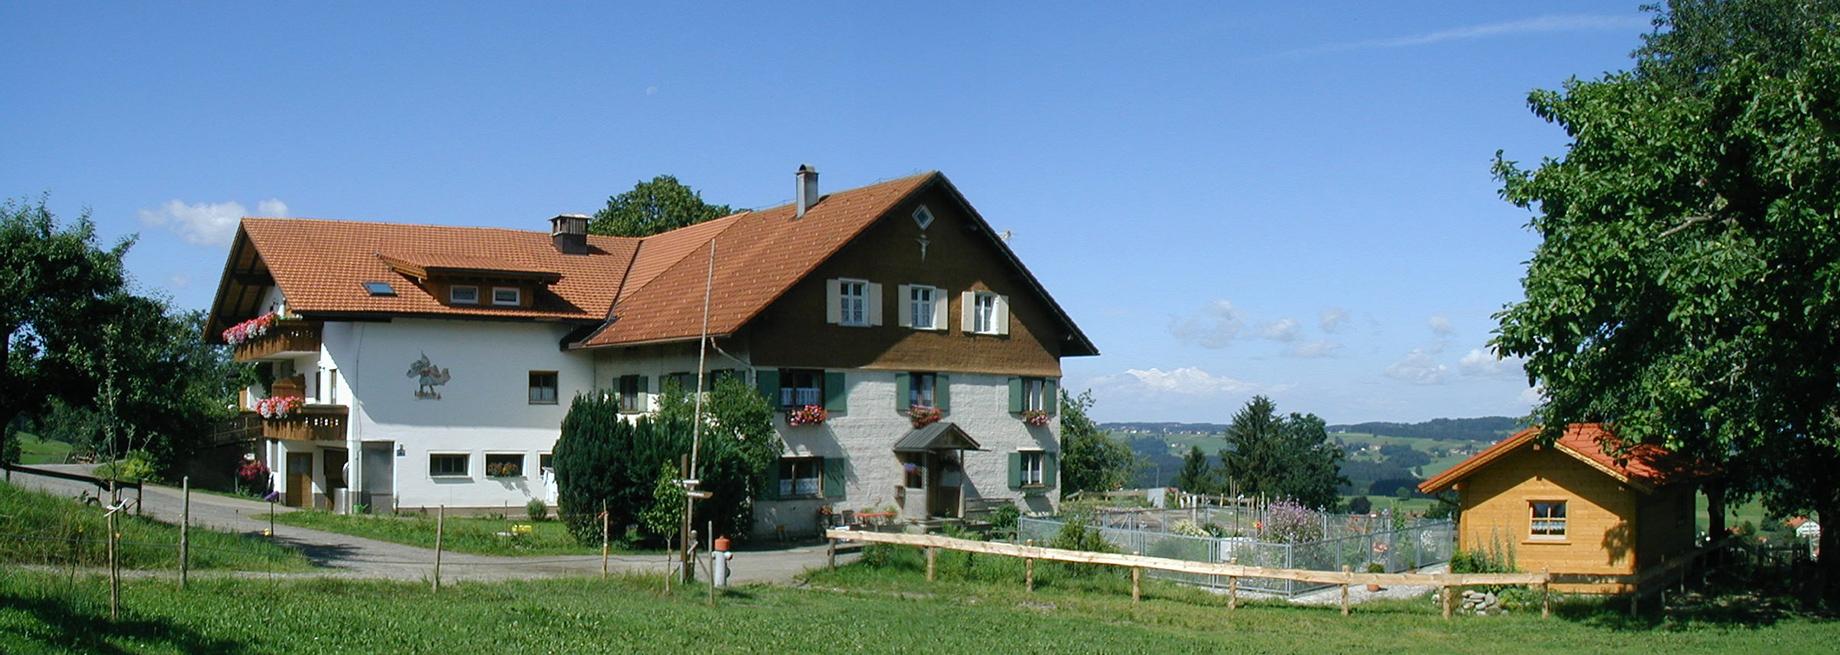 Bauernhof-Fehr